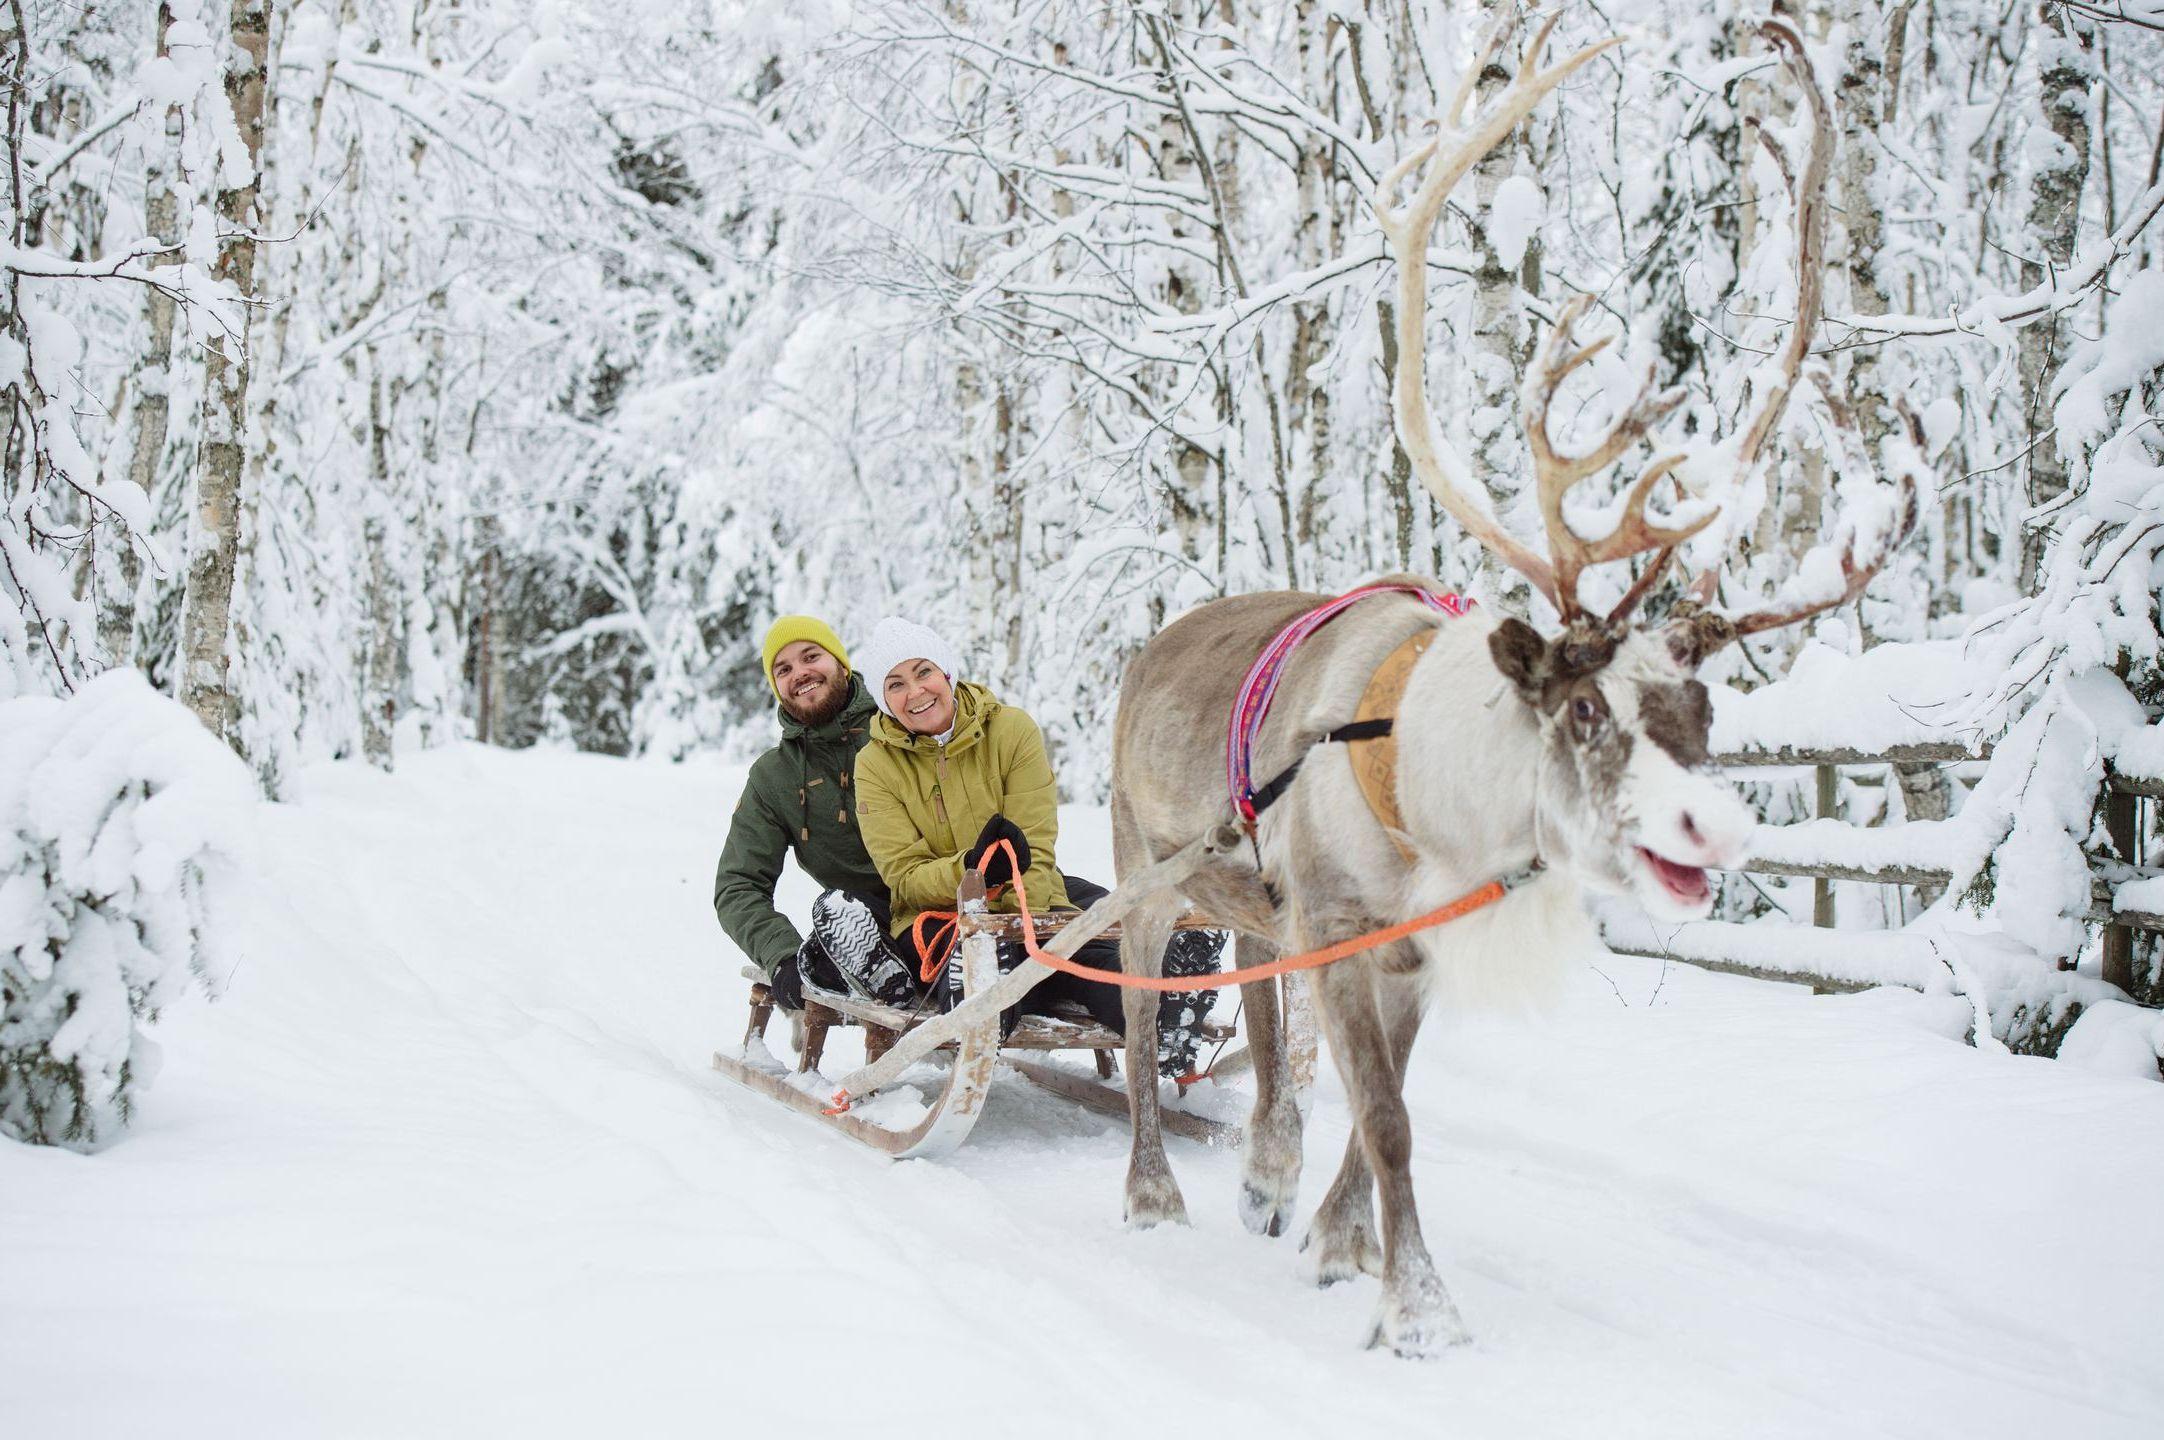 Traîneau à rennes, Laponie, Finlande, Noêl,Nouvel An